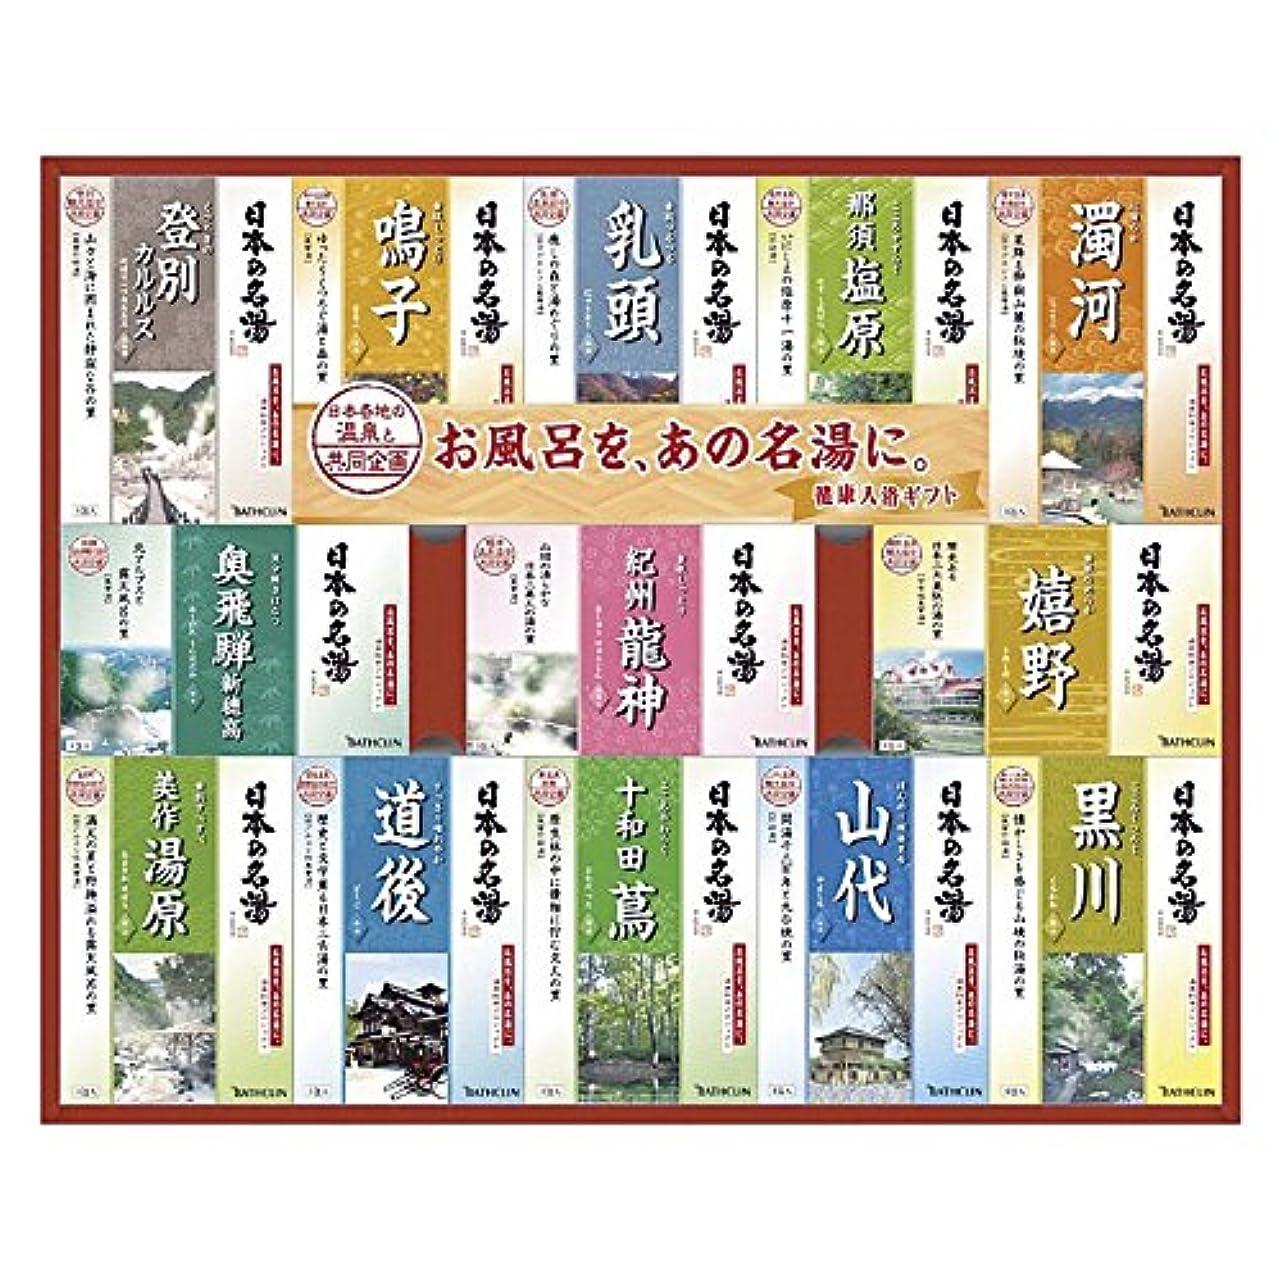 宇宙のきょうだいバッジバスクリン 日本の名湯 ギフトセット NMG-50F 【個包装 セット 詰め合わせ 疲労回復 ご褒美 贅沢 プチギフト 温まる 温泉 粉 ご当地 まとめ買い 名湯 リラックス 美肌 つめあわせ やさしい やすらぎ】